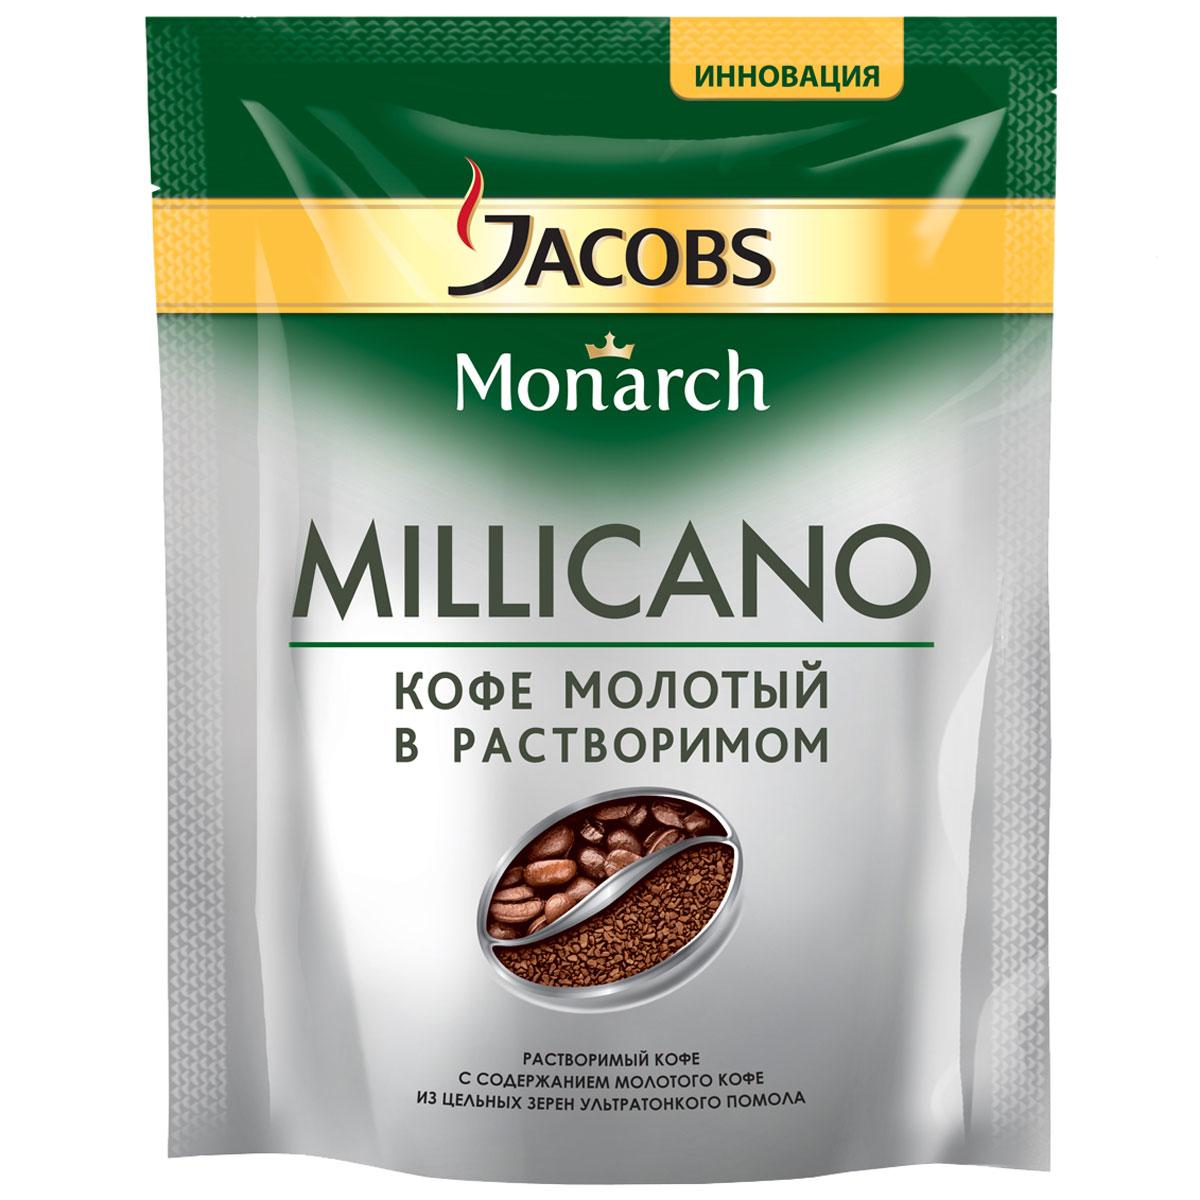 Jacobs Monarch Millicanoкофе растворимый, 75 г (пакет) Jacobs